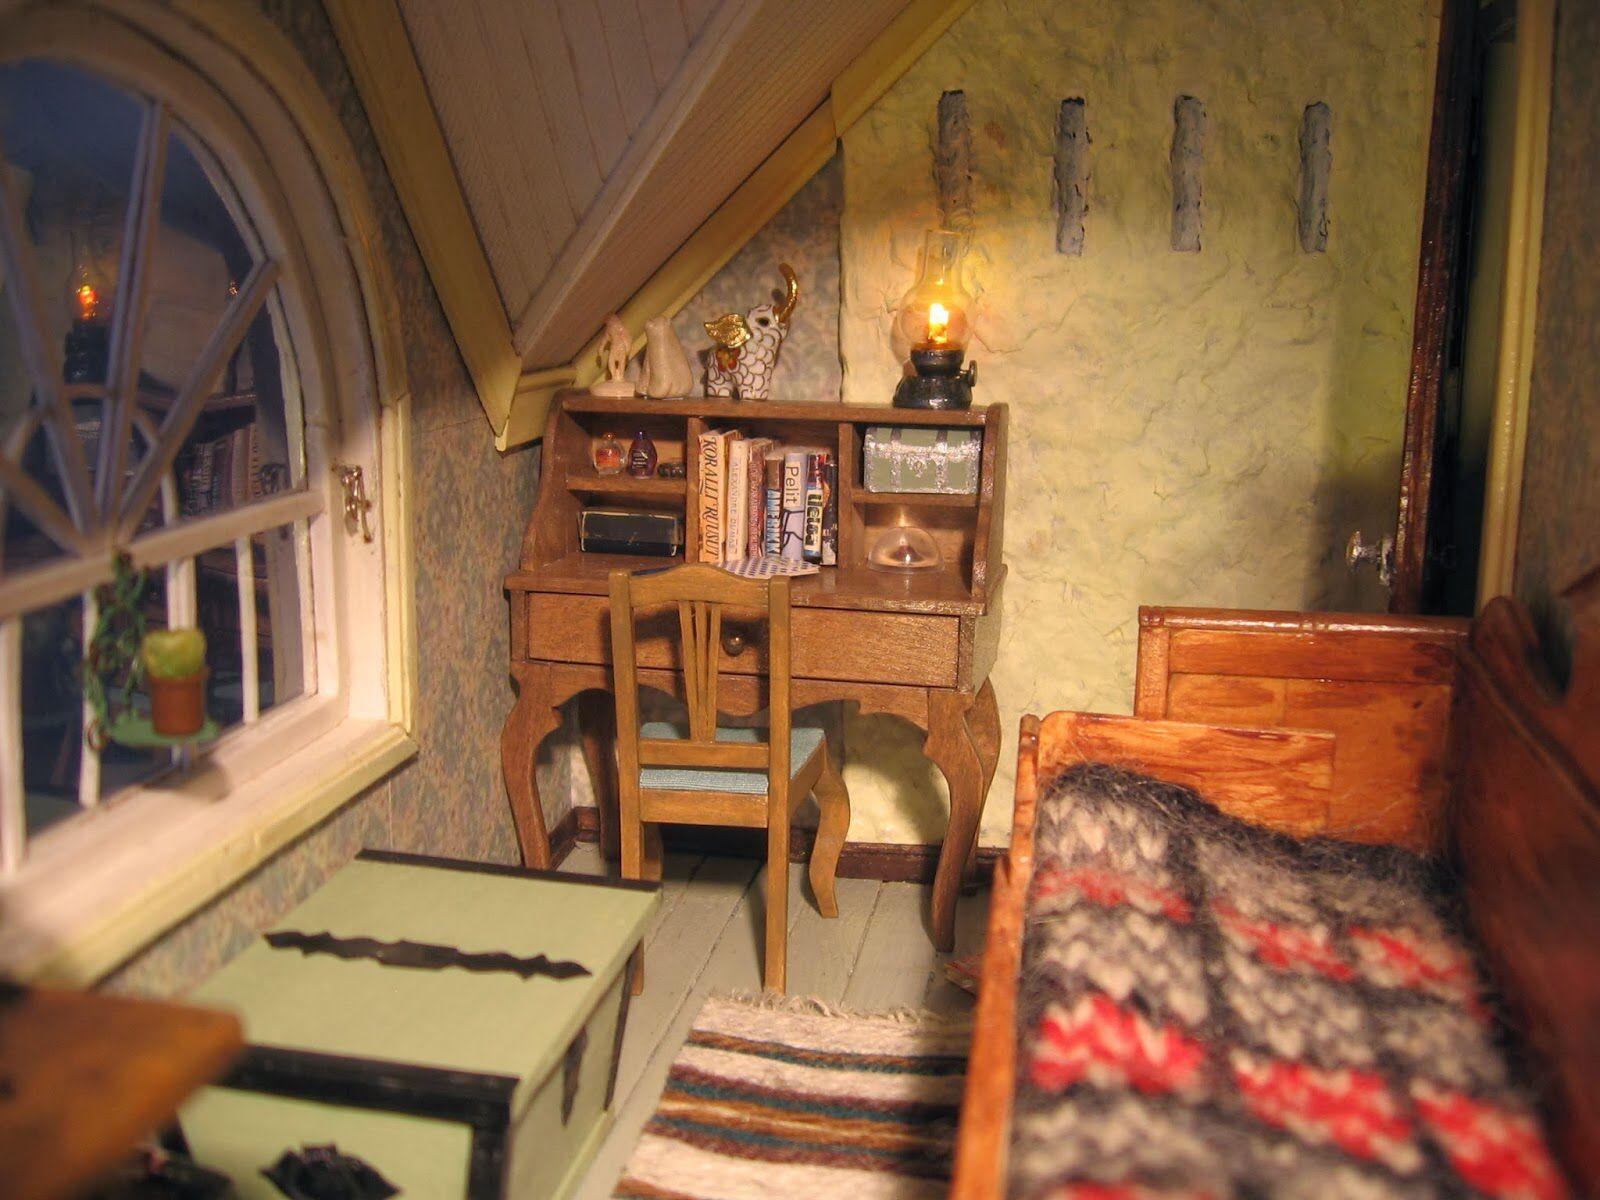 Kuva sivustosta http://3.bp.blogspot.com/-Y68bYLo4mxw/UpOGVtE0LFI/AAAAAAAAAQE/kNQ4hsJ-oGc/s1600/Nukkekoti+016.JPG.